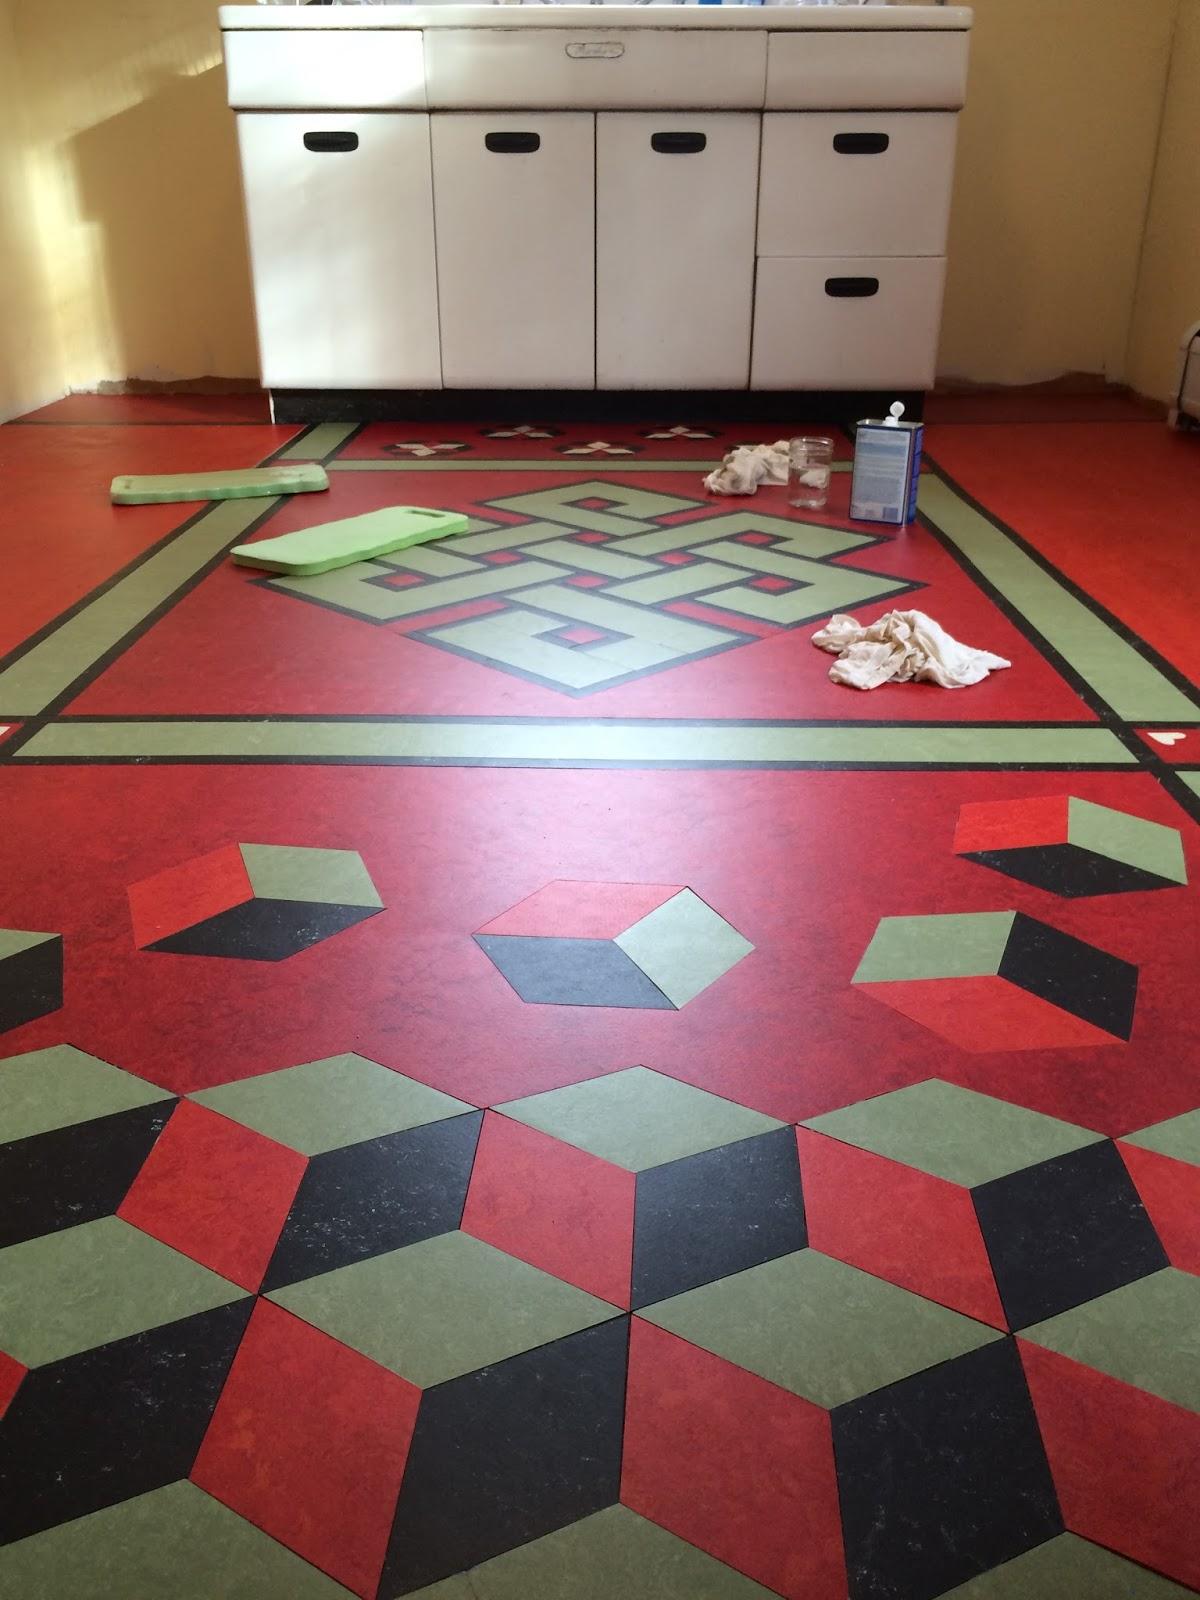 Michelina 39 s workroom cosy kitchen floor too for 100 lb floor roller rental